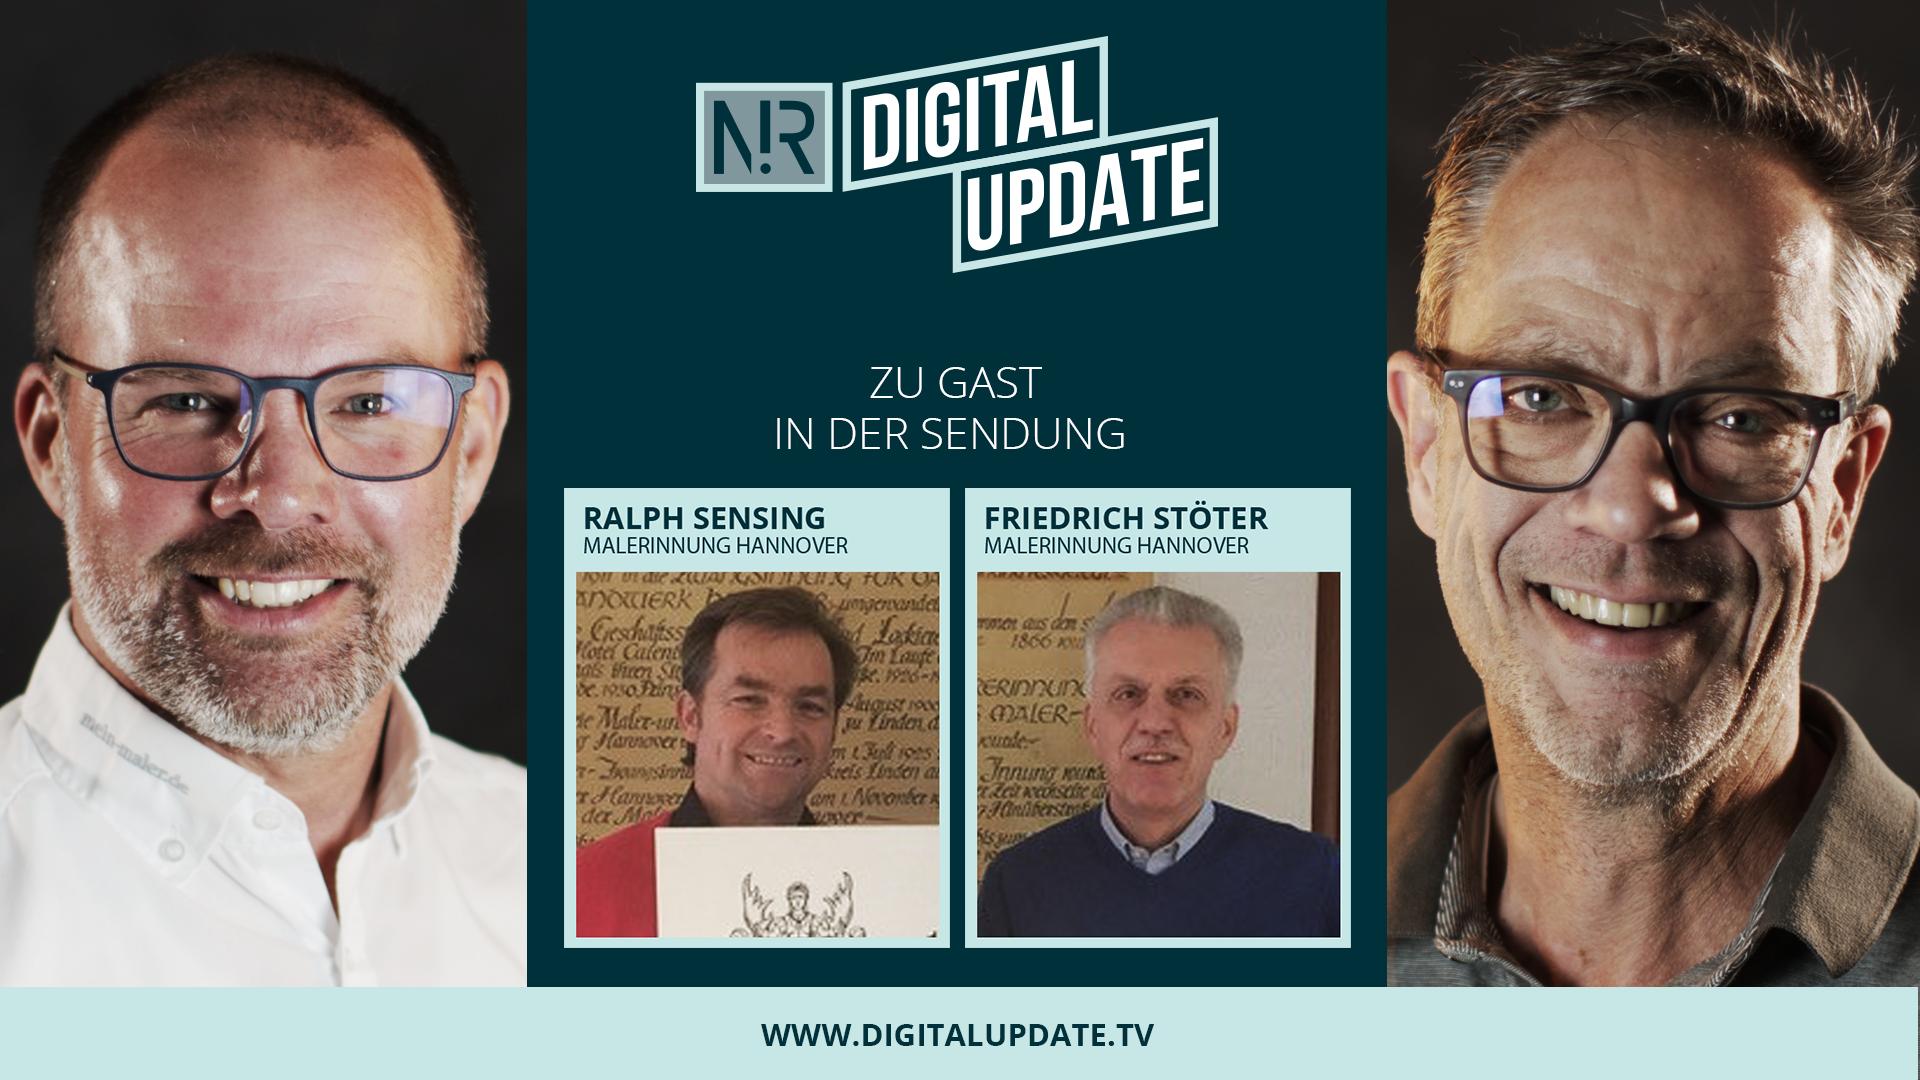 Digitalupdate mit Ralph Sensing und Friedrich Stöter